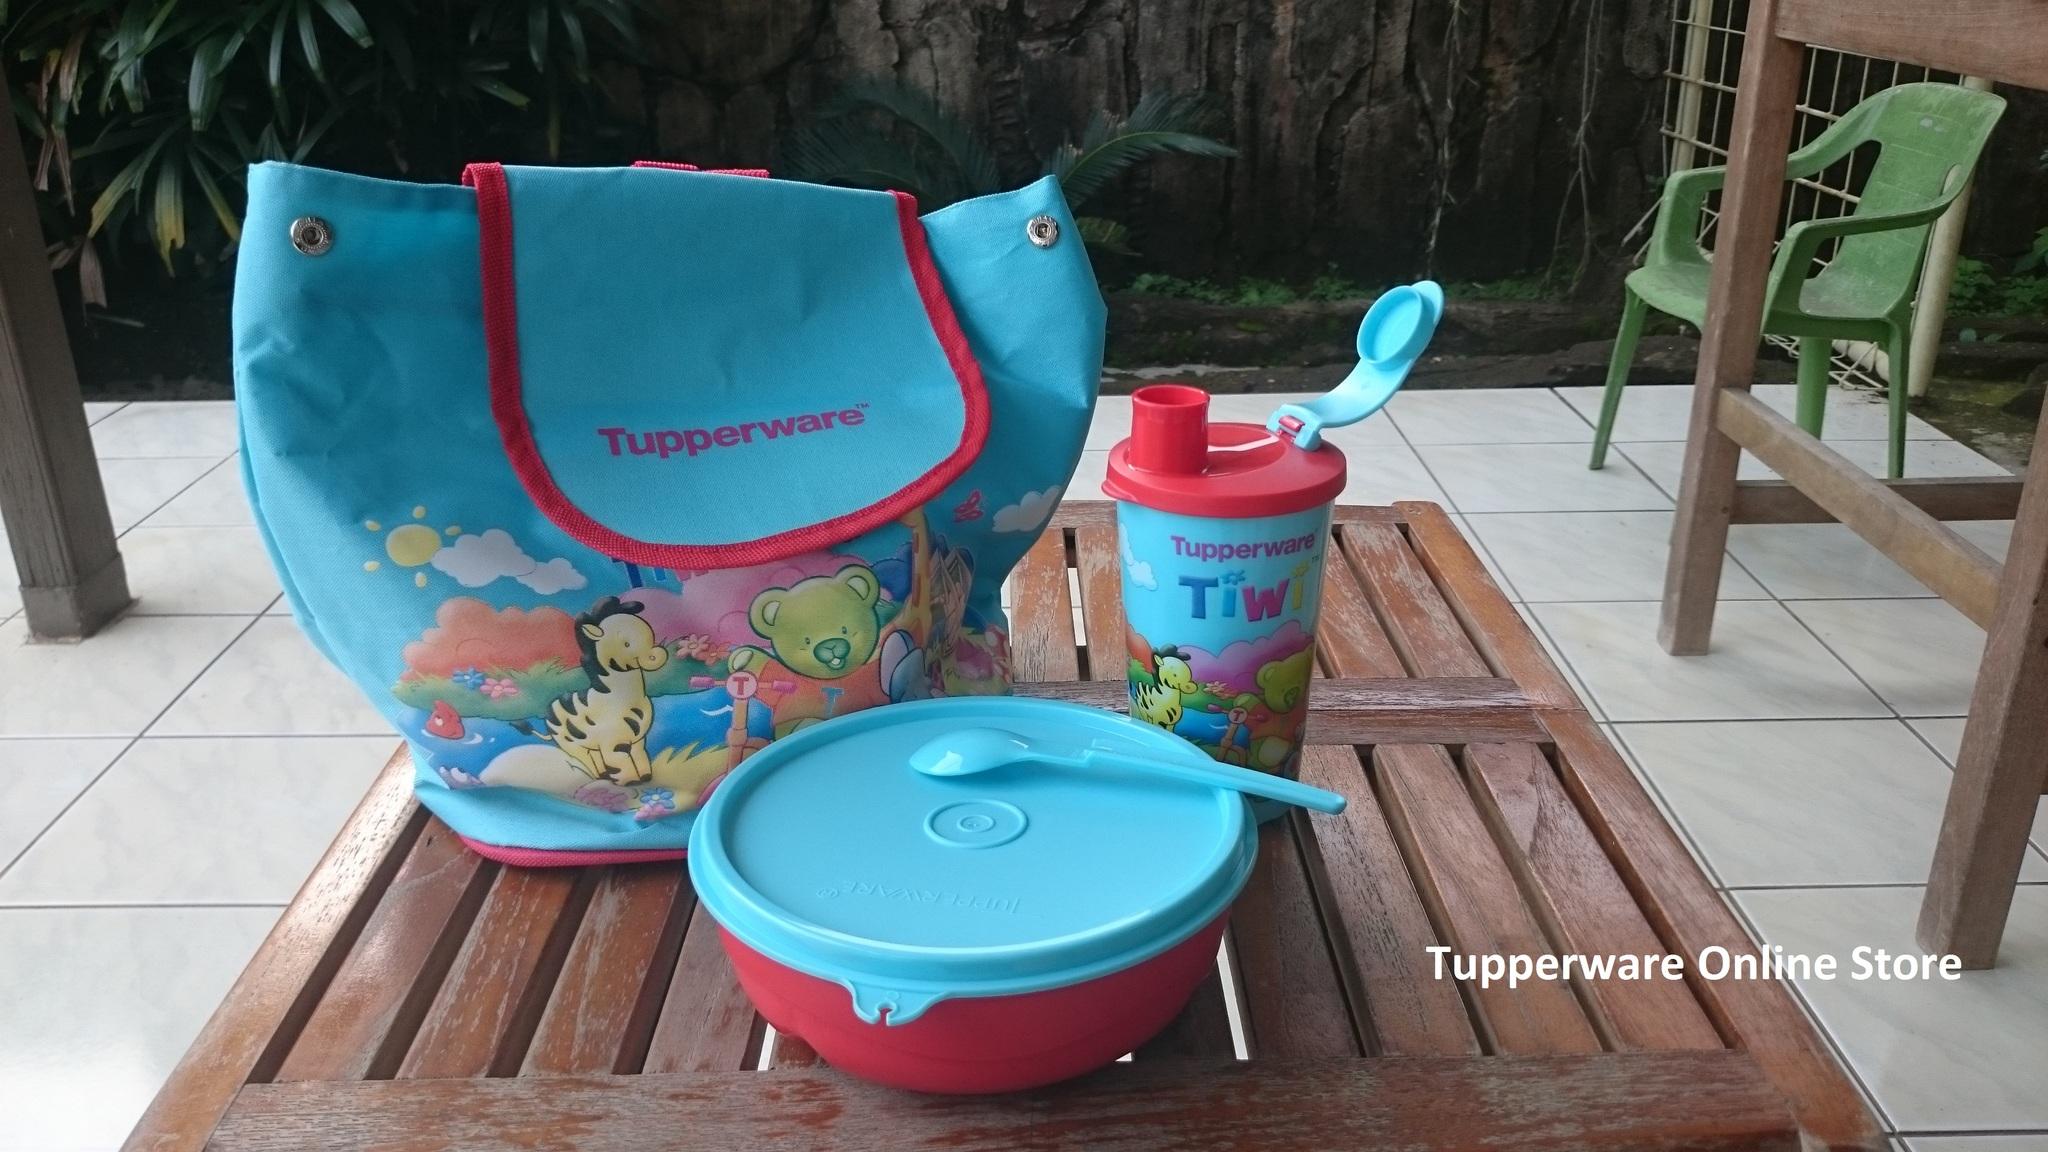 Jual Tupperware Tiwi N Friends